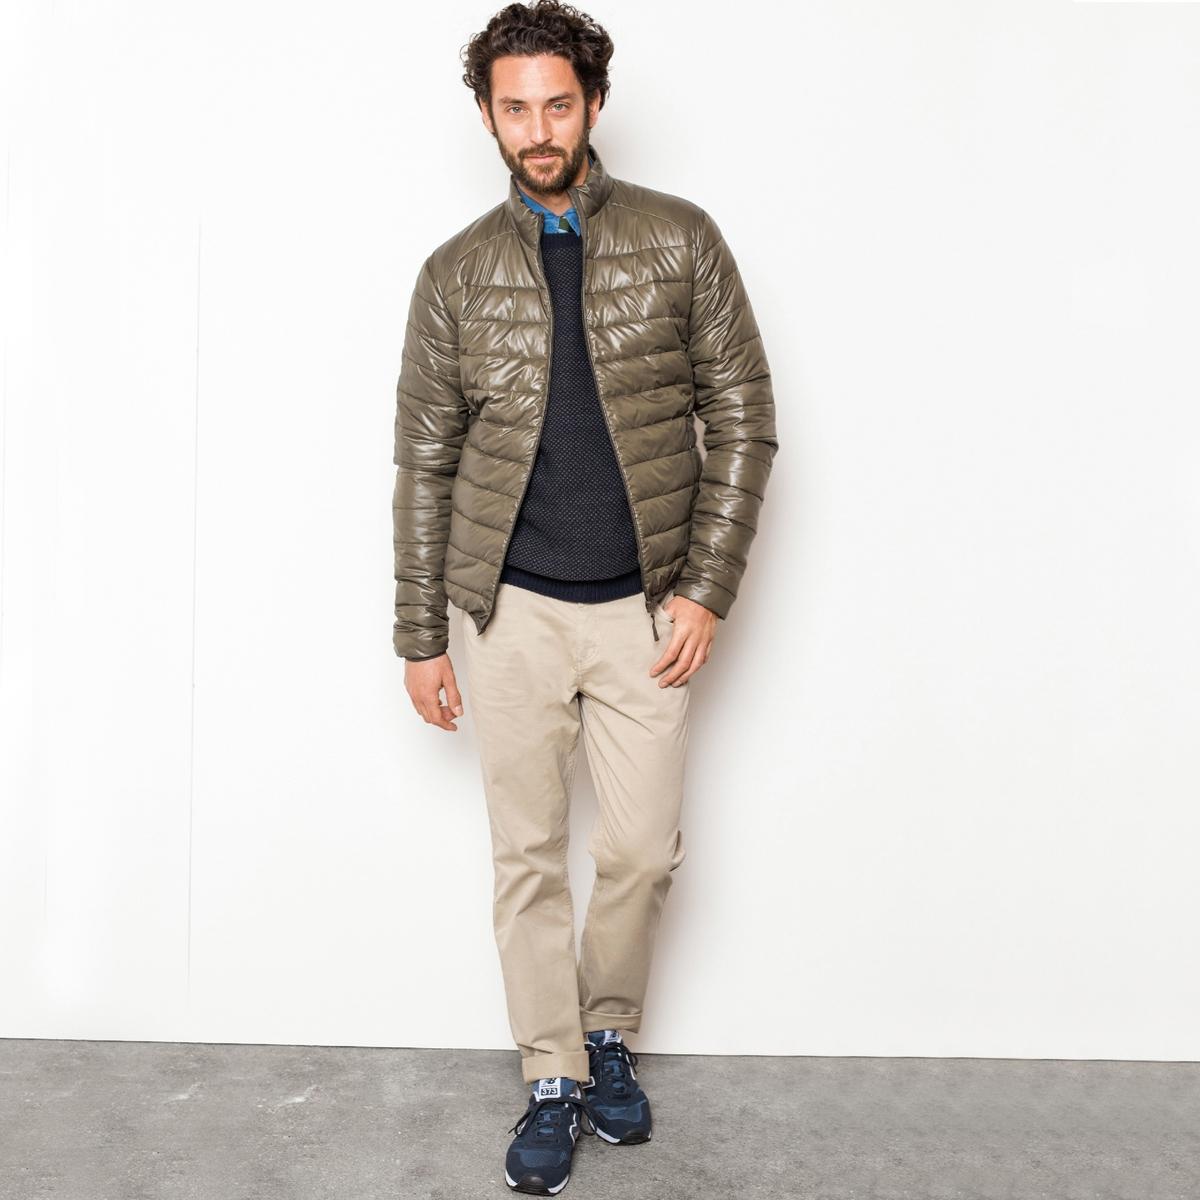 Куртка легкаяЛегкая куртка с водоотталкивающим эффектом, 100% полиэстер. Стеганая ватиновая подкладка. Застежка на молнию. Потайные карманы на молнии. Отделка низа и манжет эластичным кантом. Длина ок.68 см.Уход : Машинная стирка при 30°C исключительно на деликатном режиме<br><br>Цвет: темно-синий,черный<br>Размер: XS.S.M.L.XL.XXL.3XL.XS.M.L.XXL.3XL